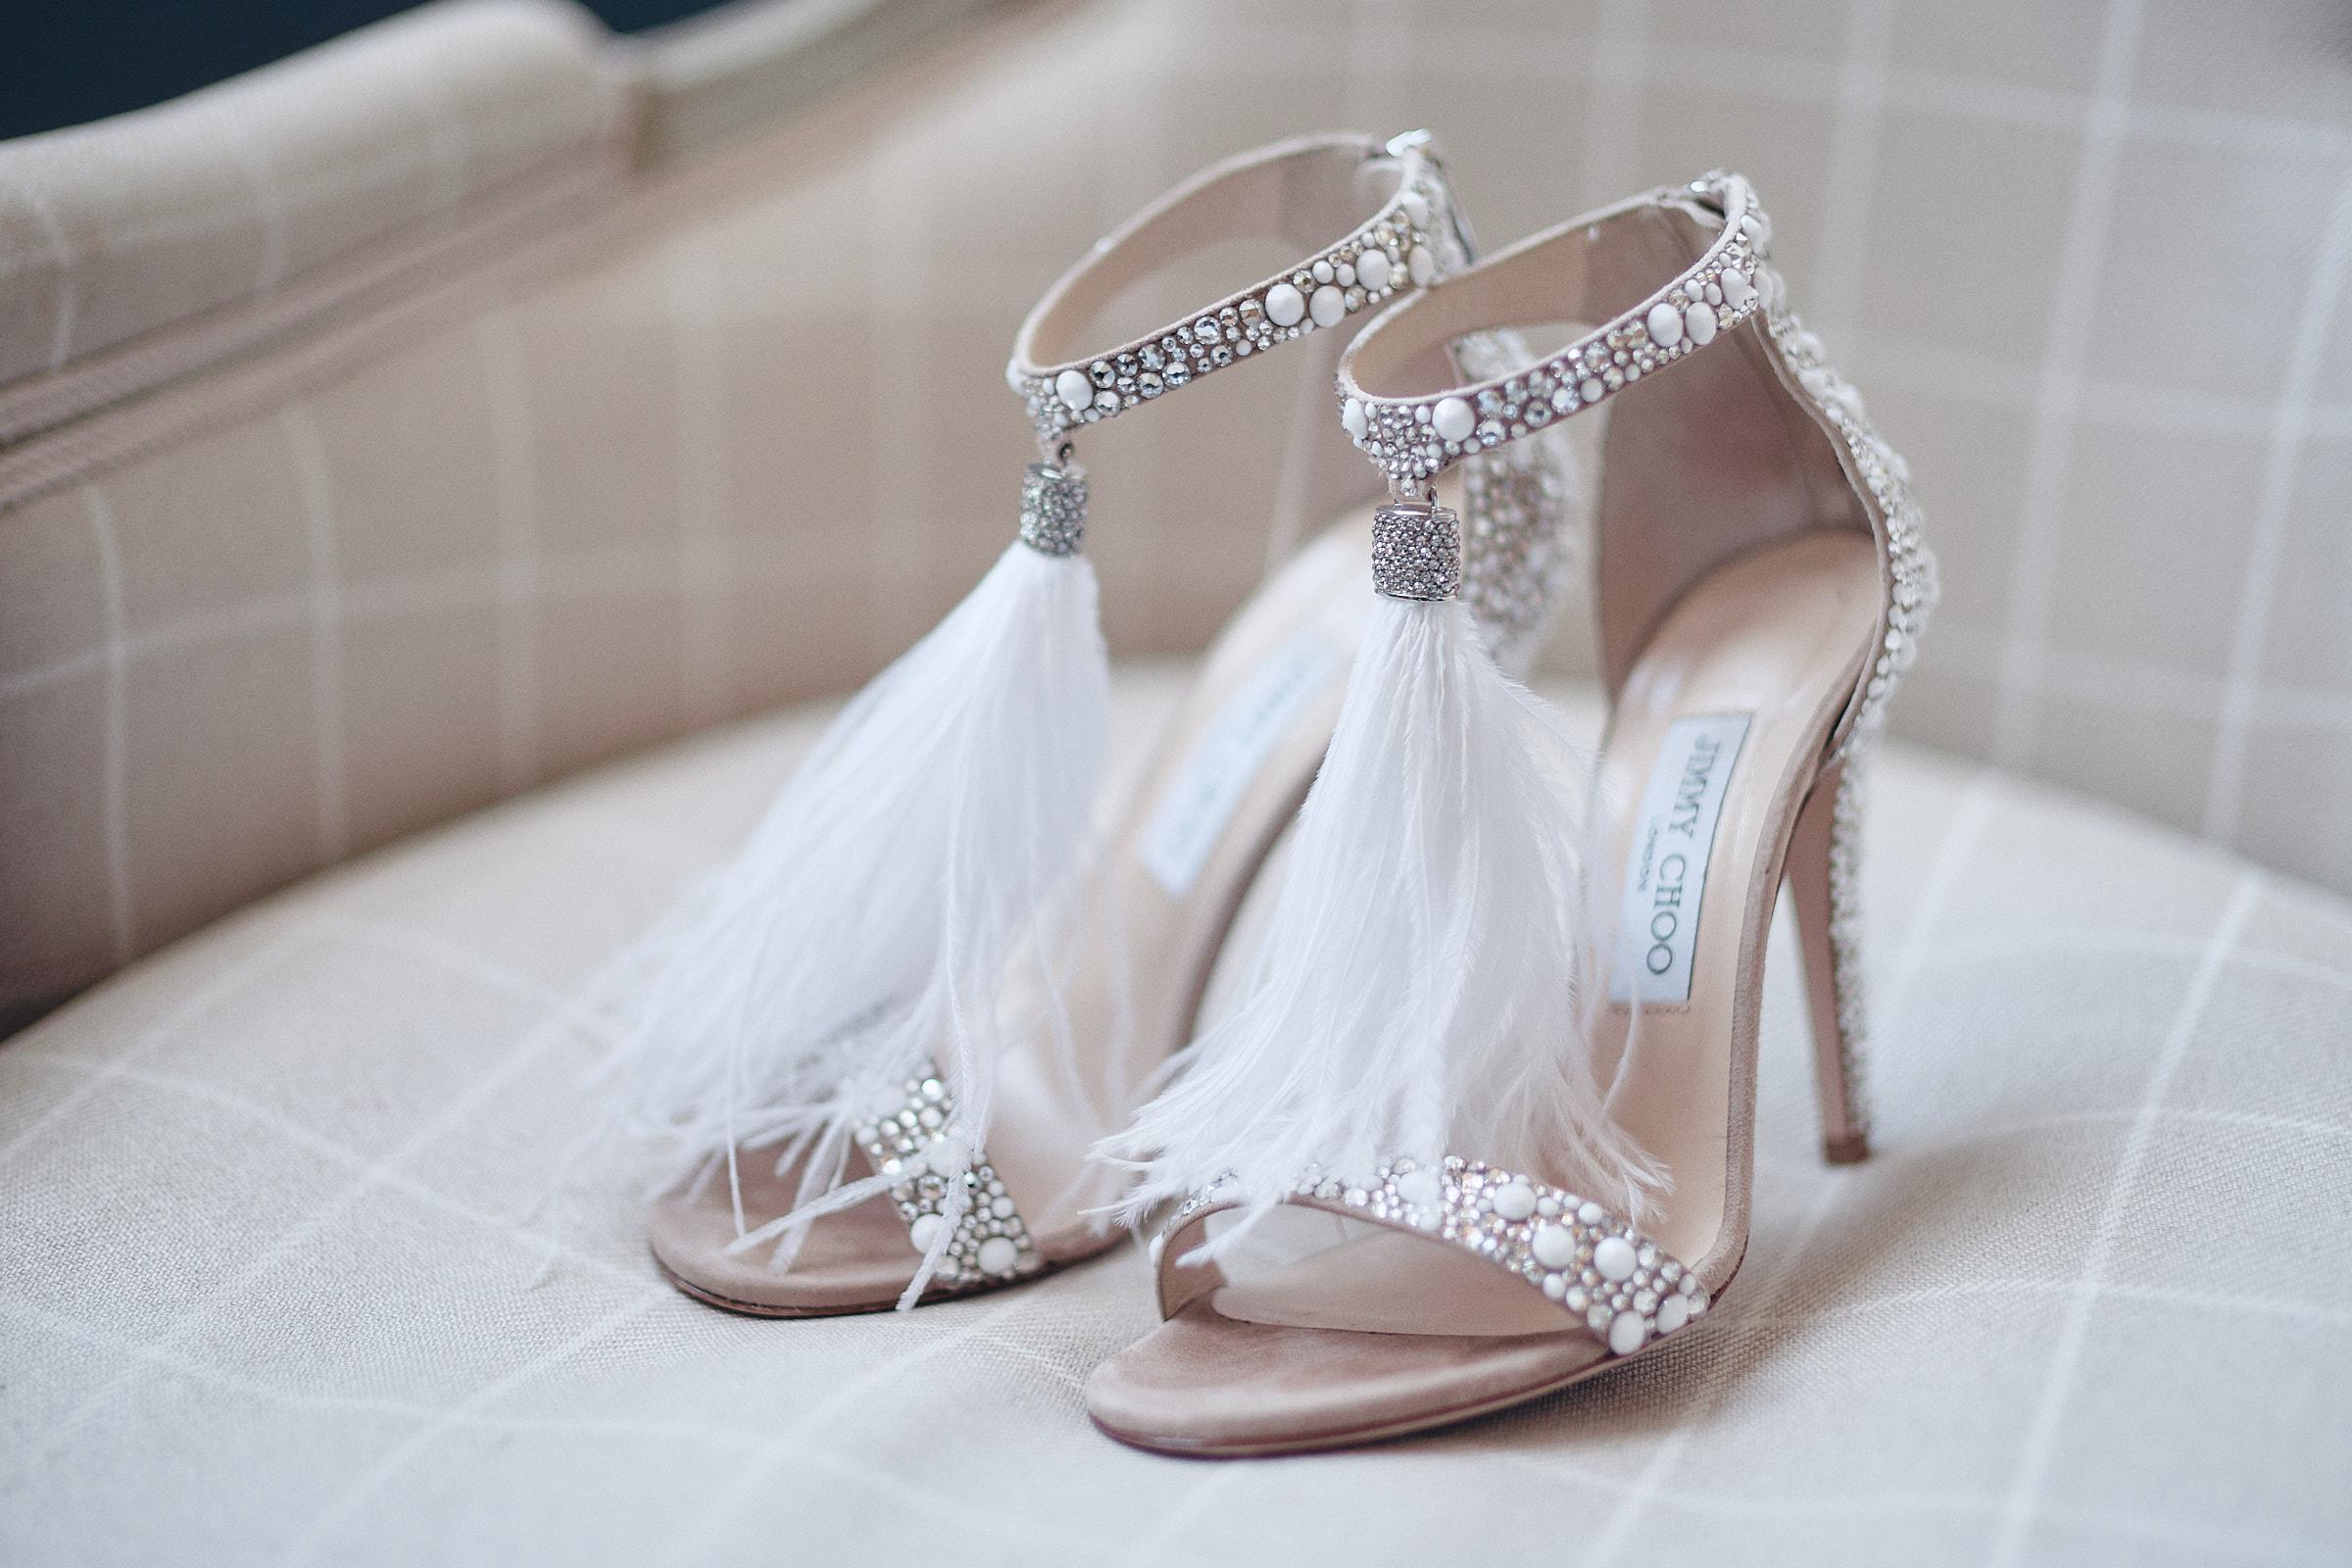 gros plan sur les chaussures jimmy choo de la mariée